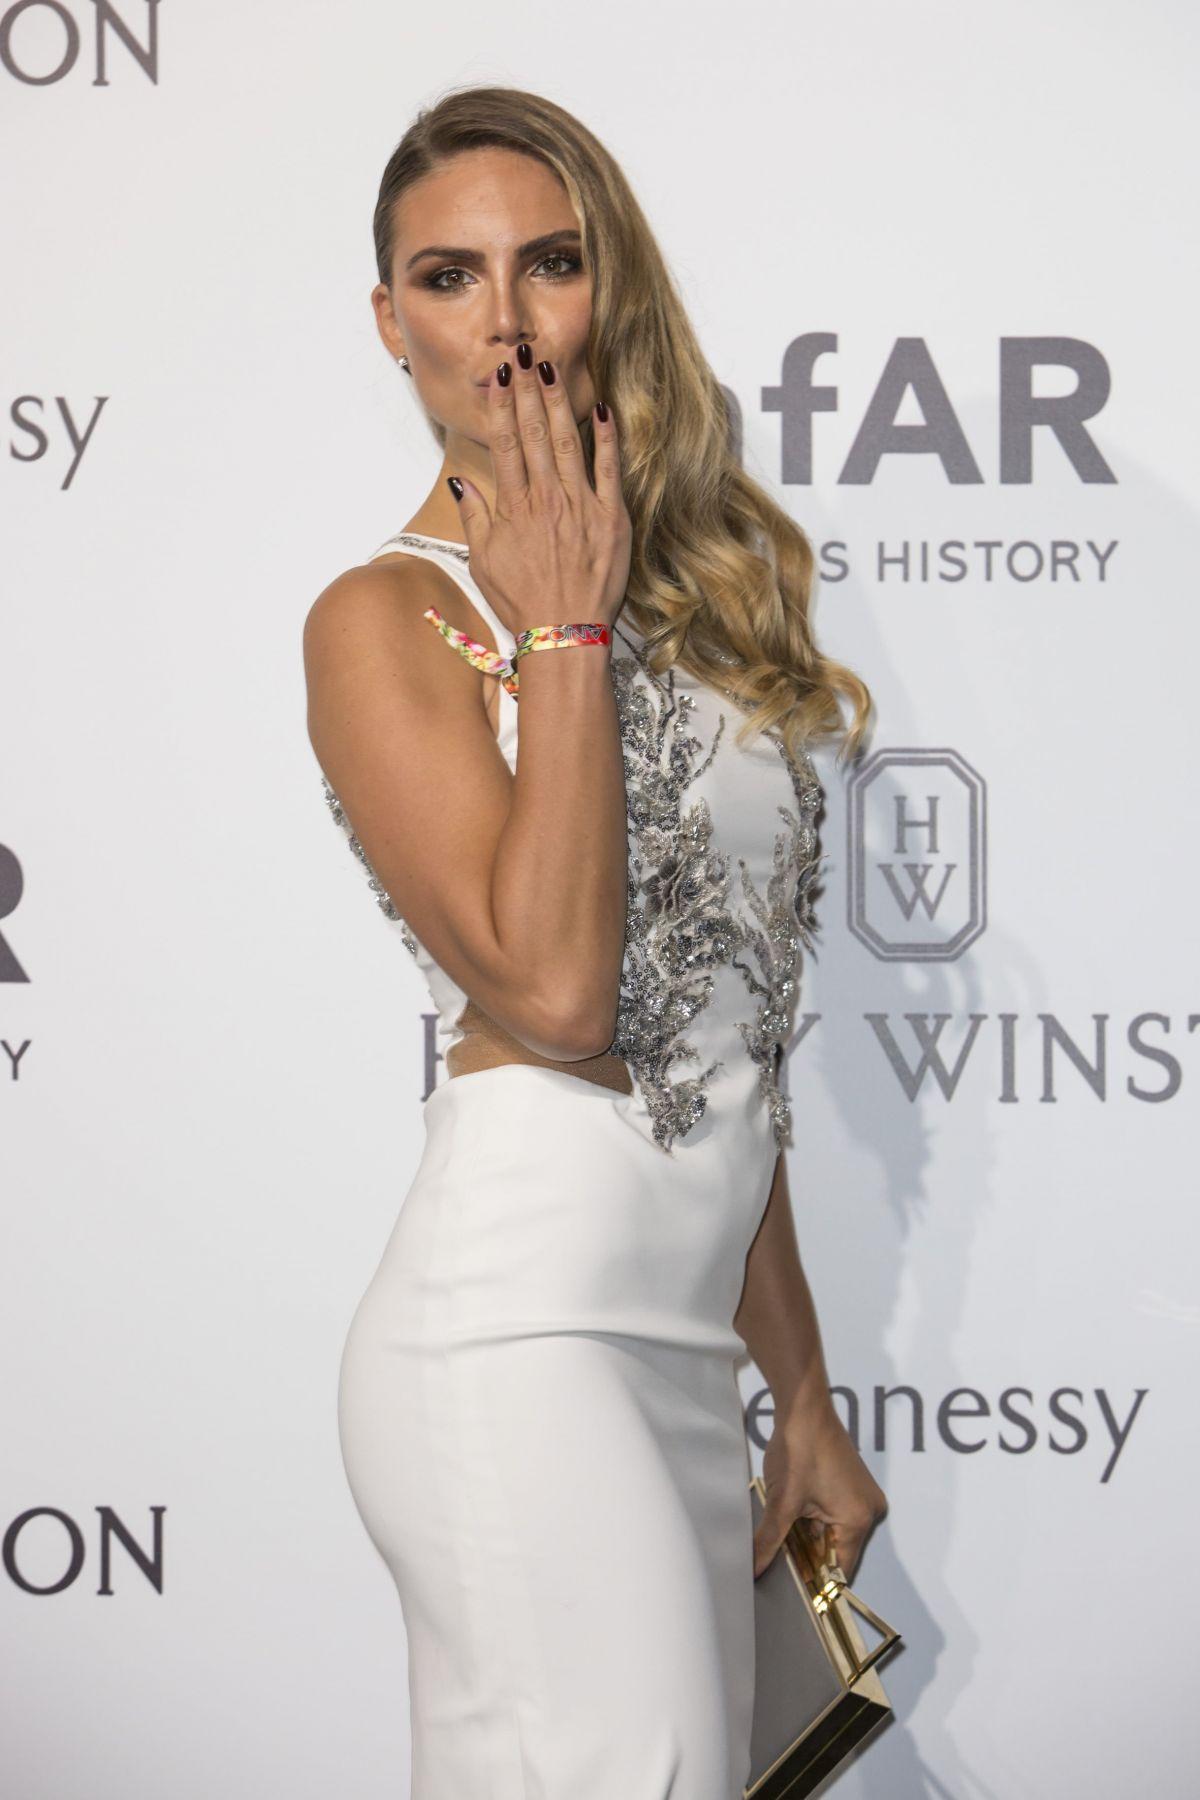 NINA SENICAR at amfAR Gala in Milan 09/26/2015